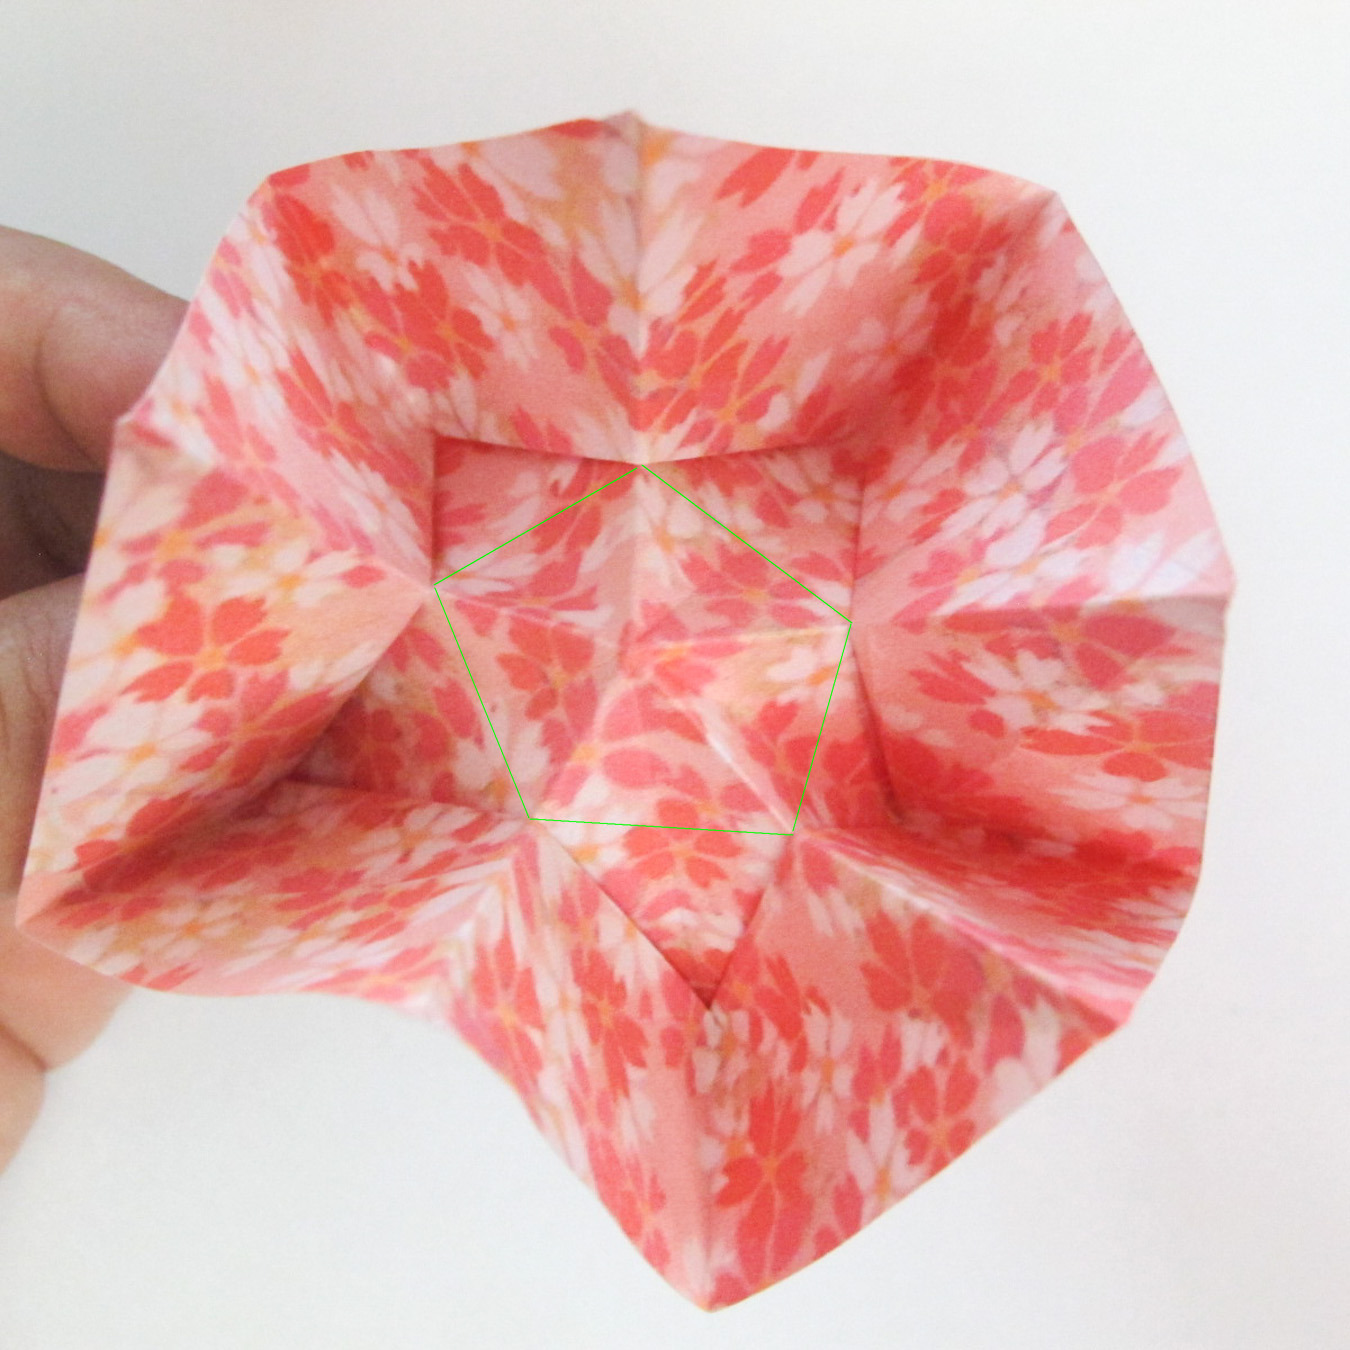 สอนวิธีการพับกระดาษเป็นดอกมะเฟือง (Origami Carambola) 022